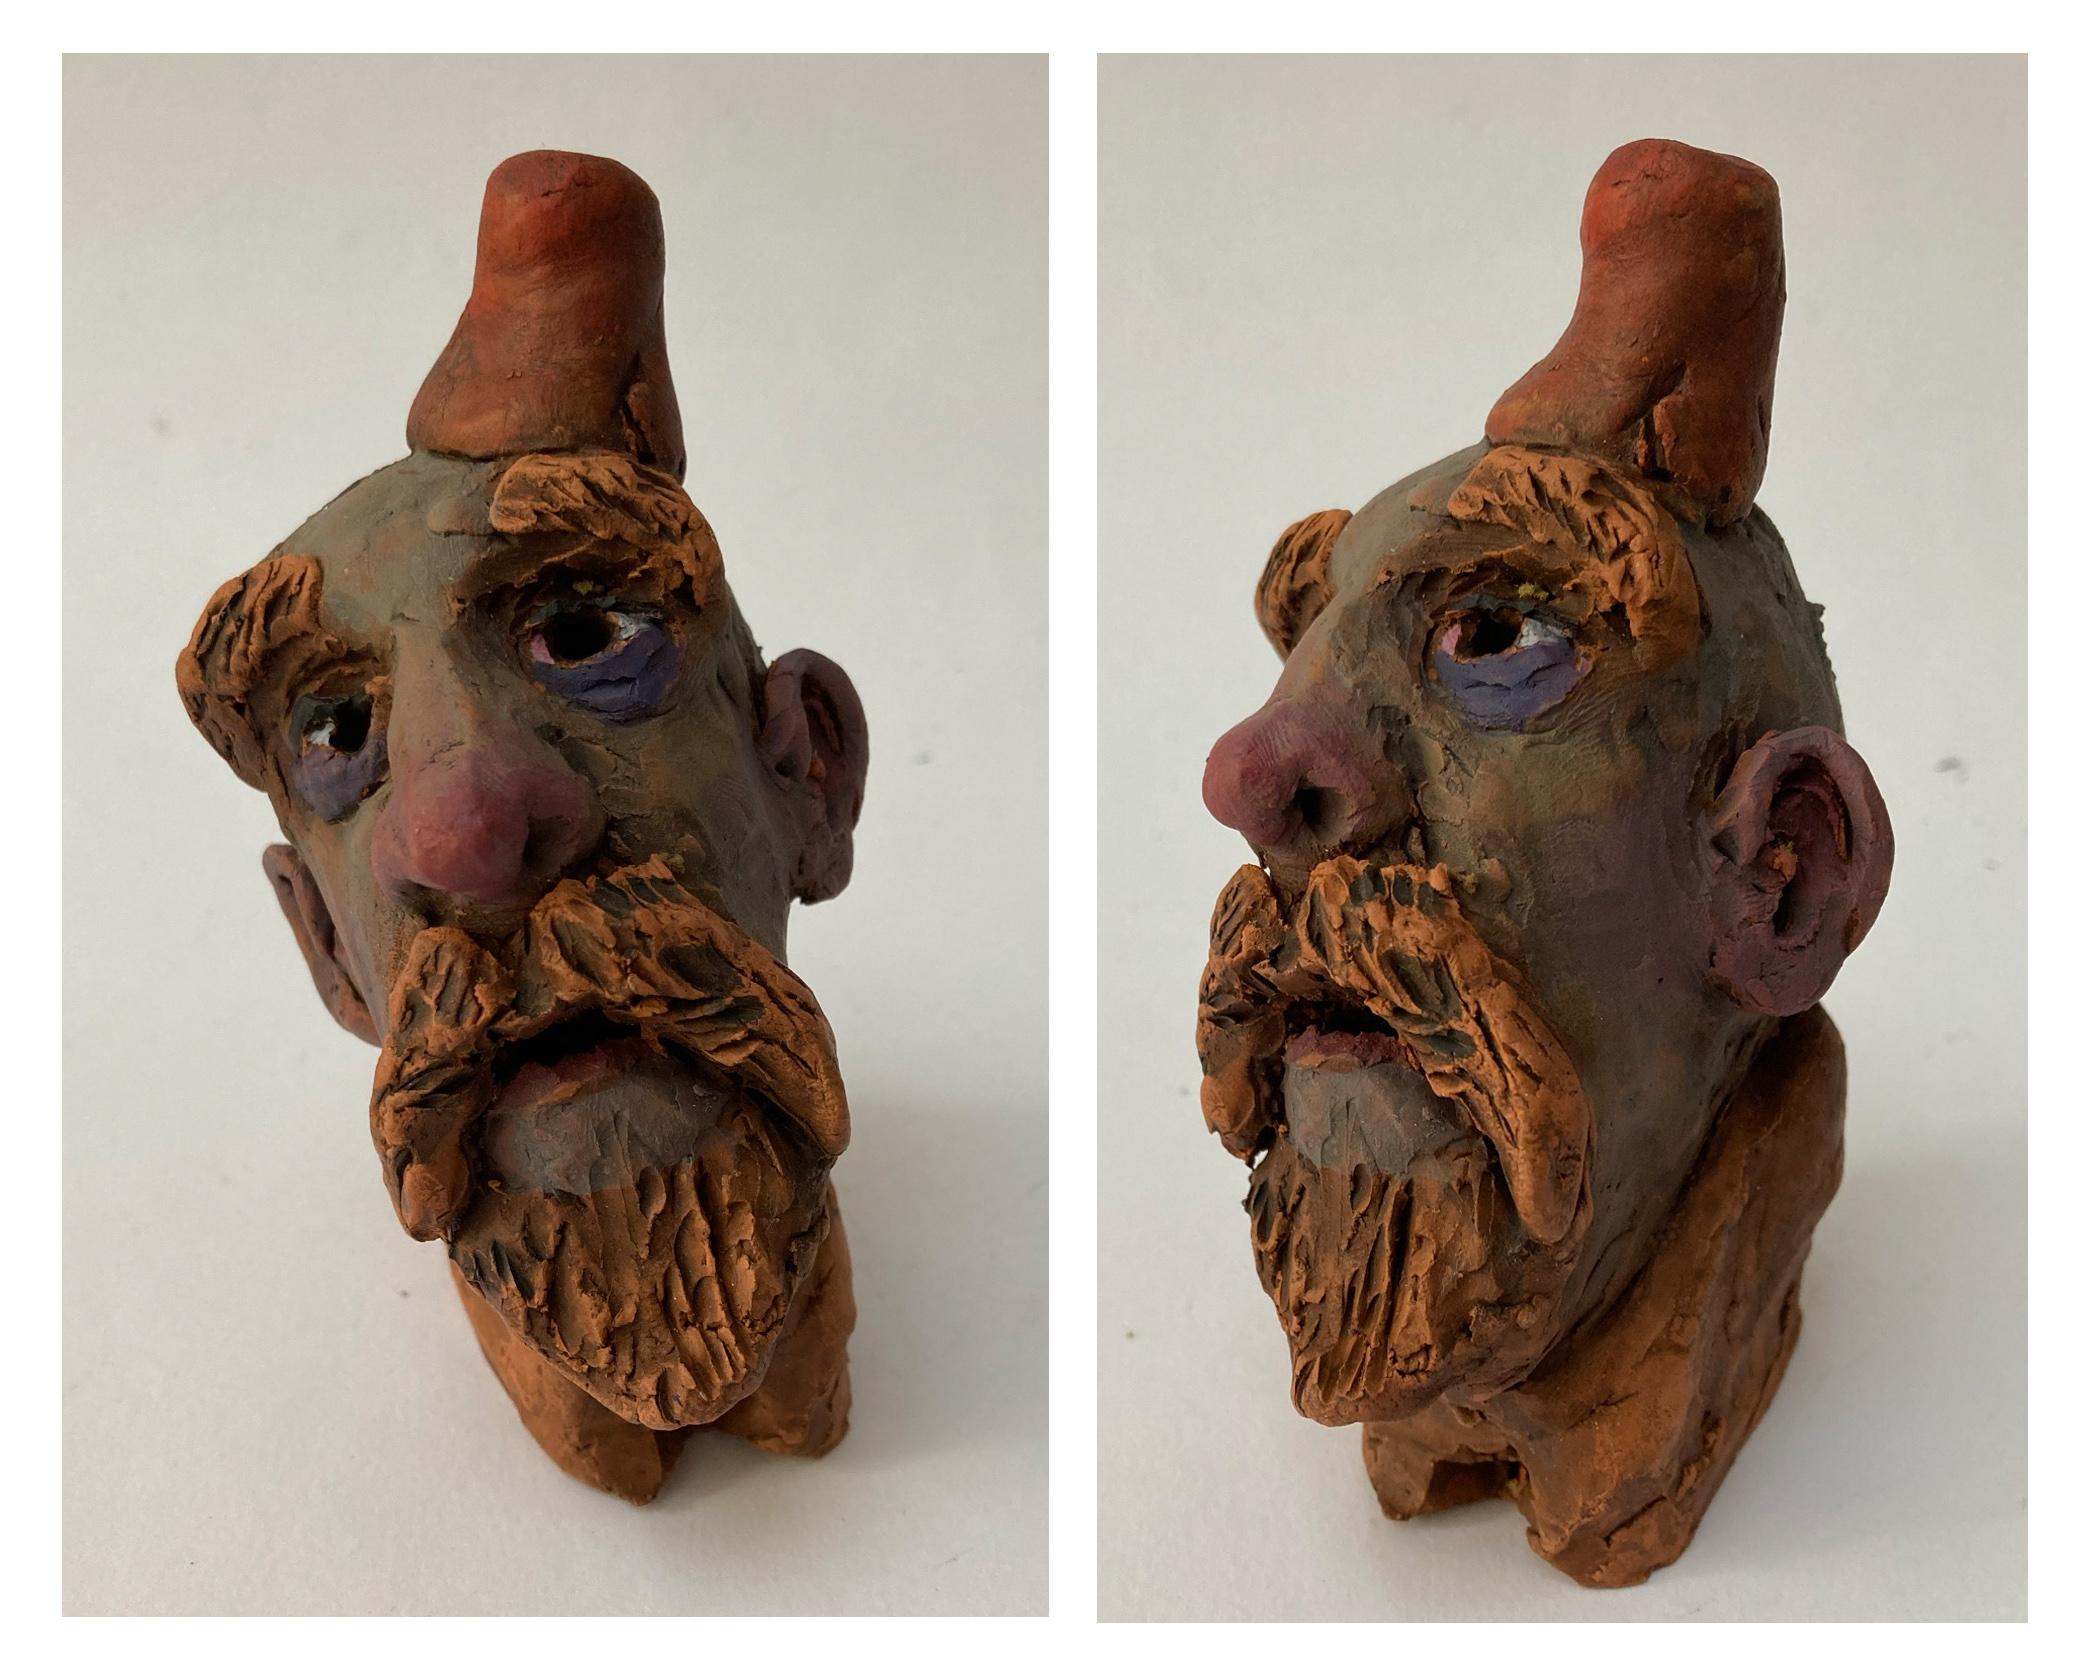 Wonk Pot artwork